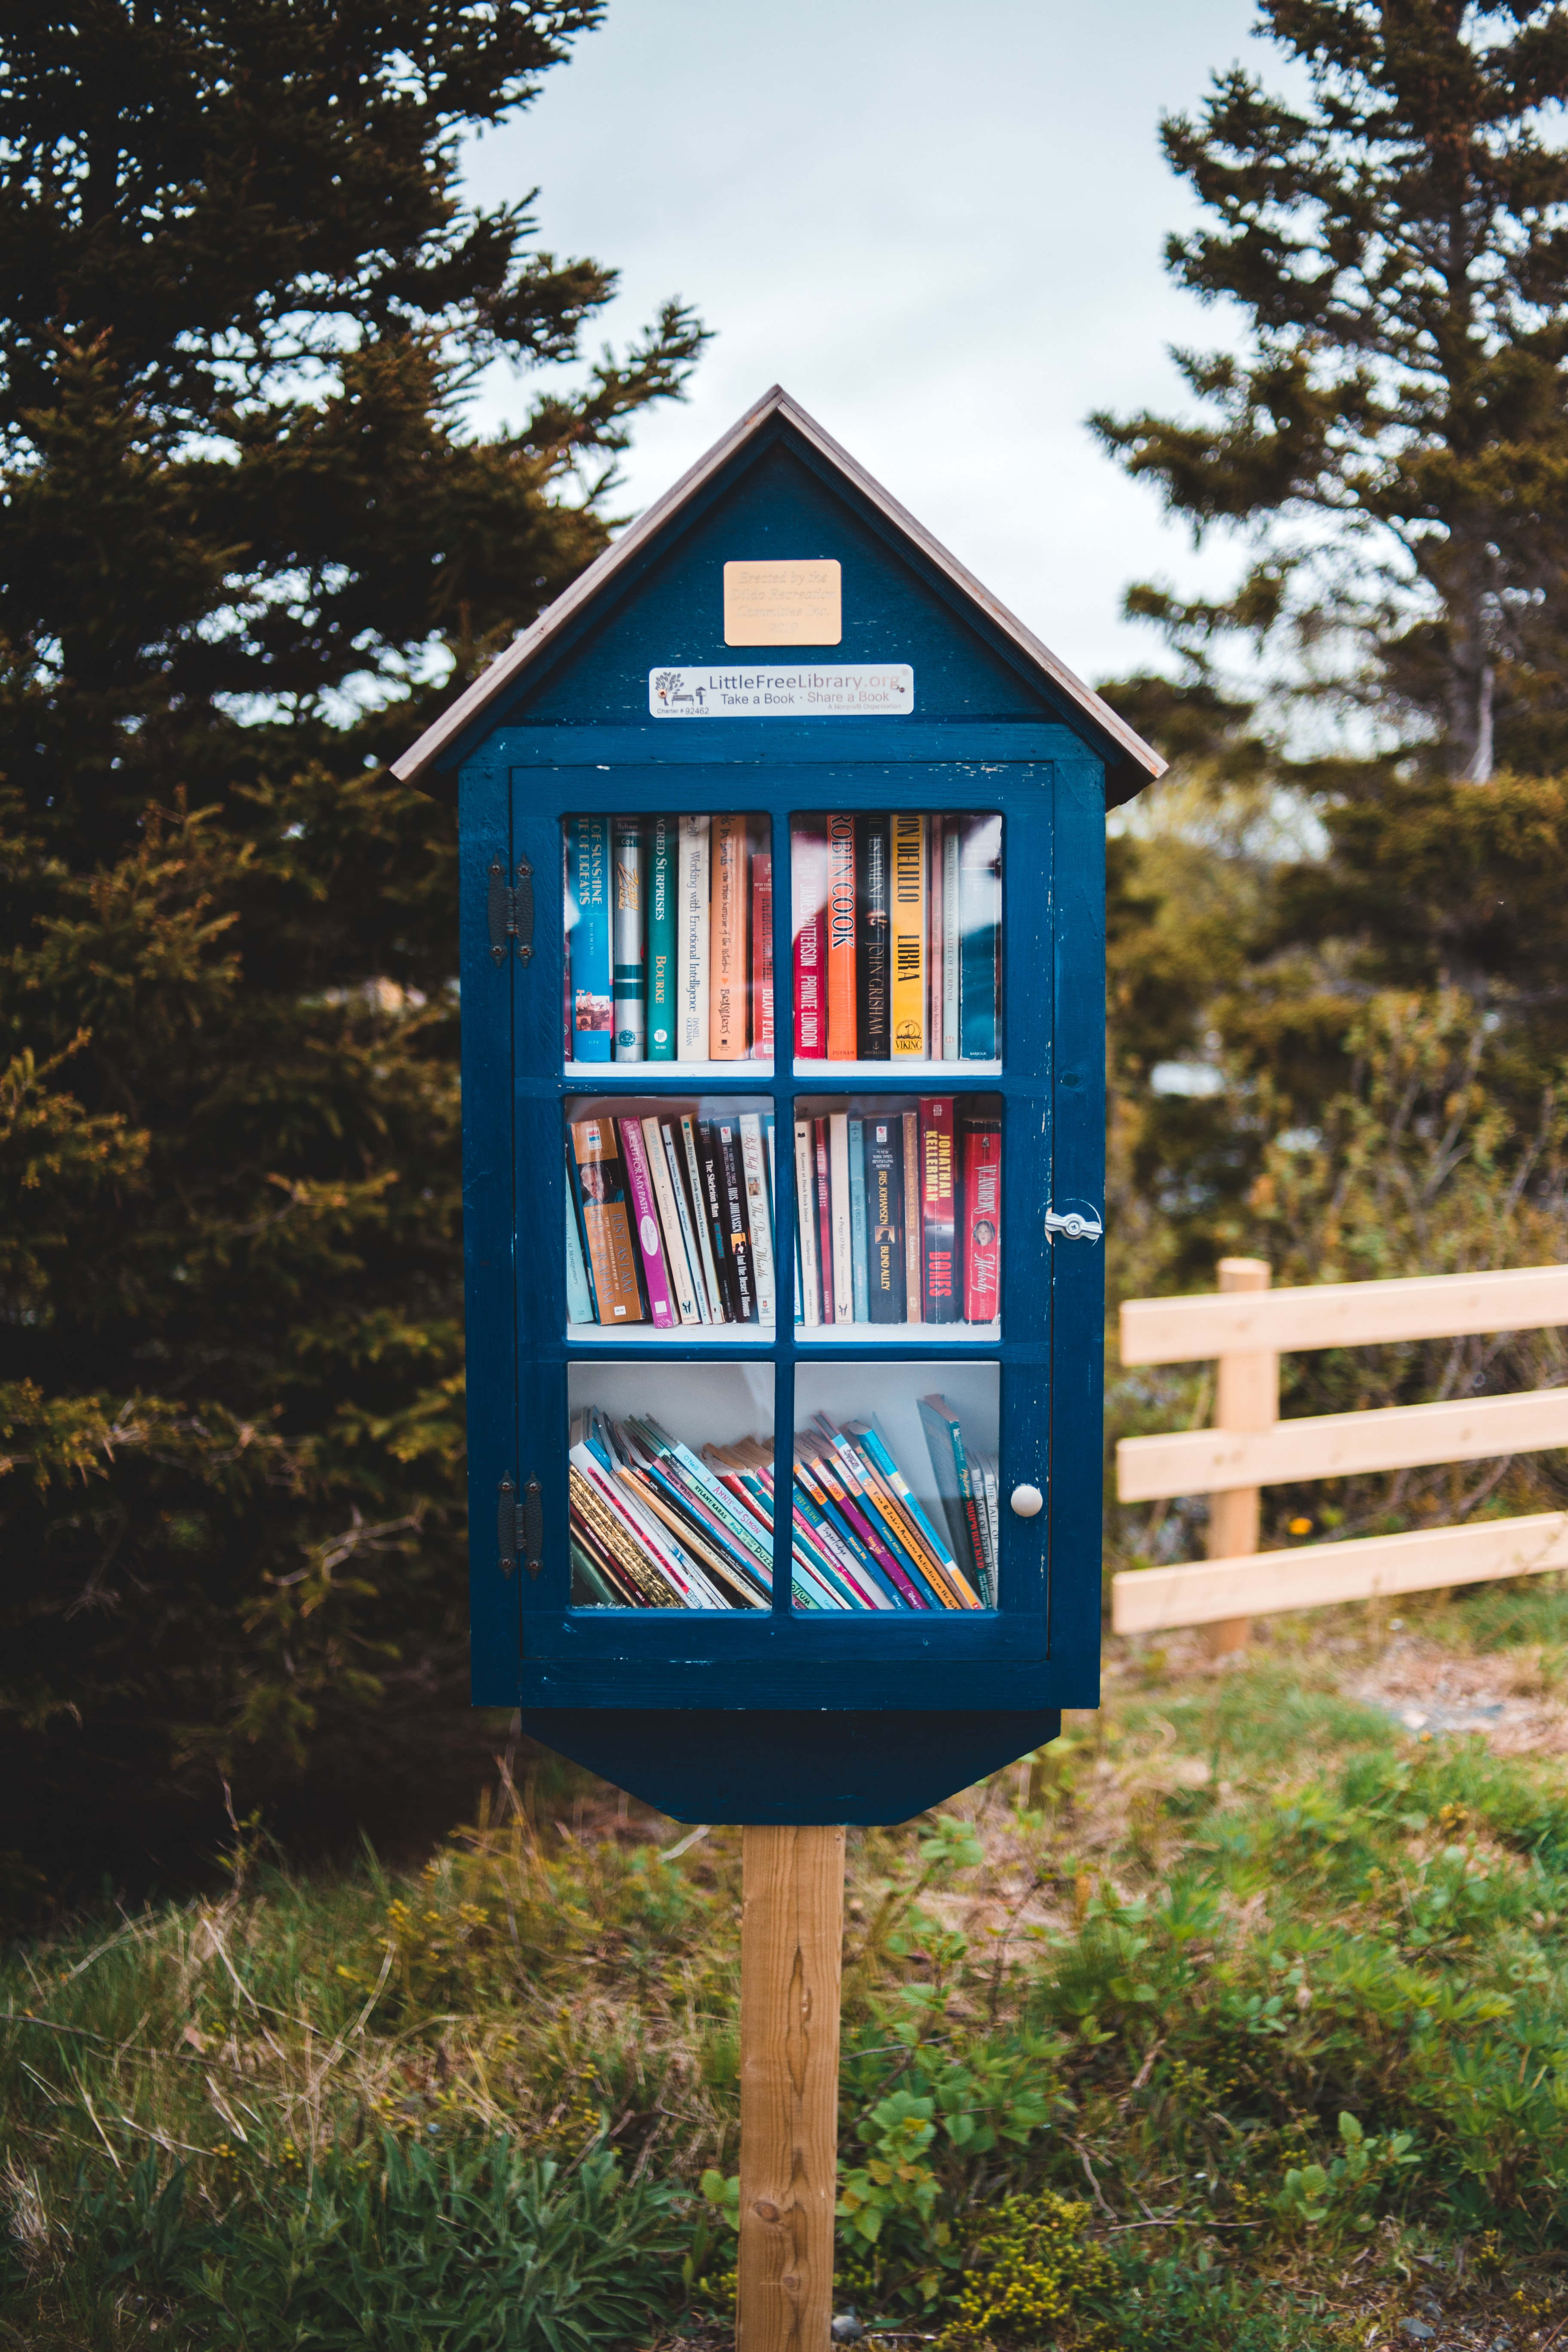 Article Quo Vadis recyclage boite à lire, livres, photo par Erik Mclean